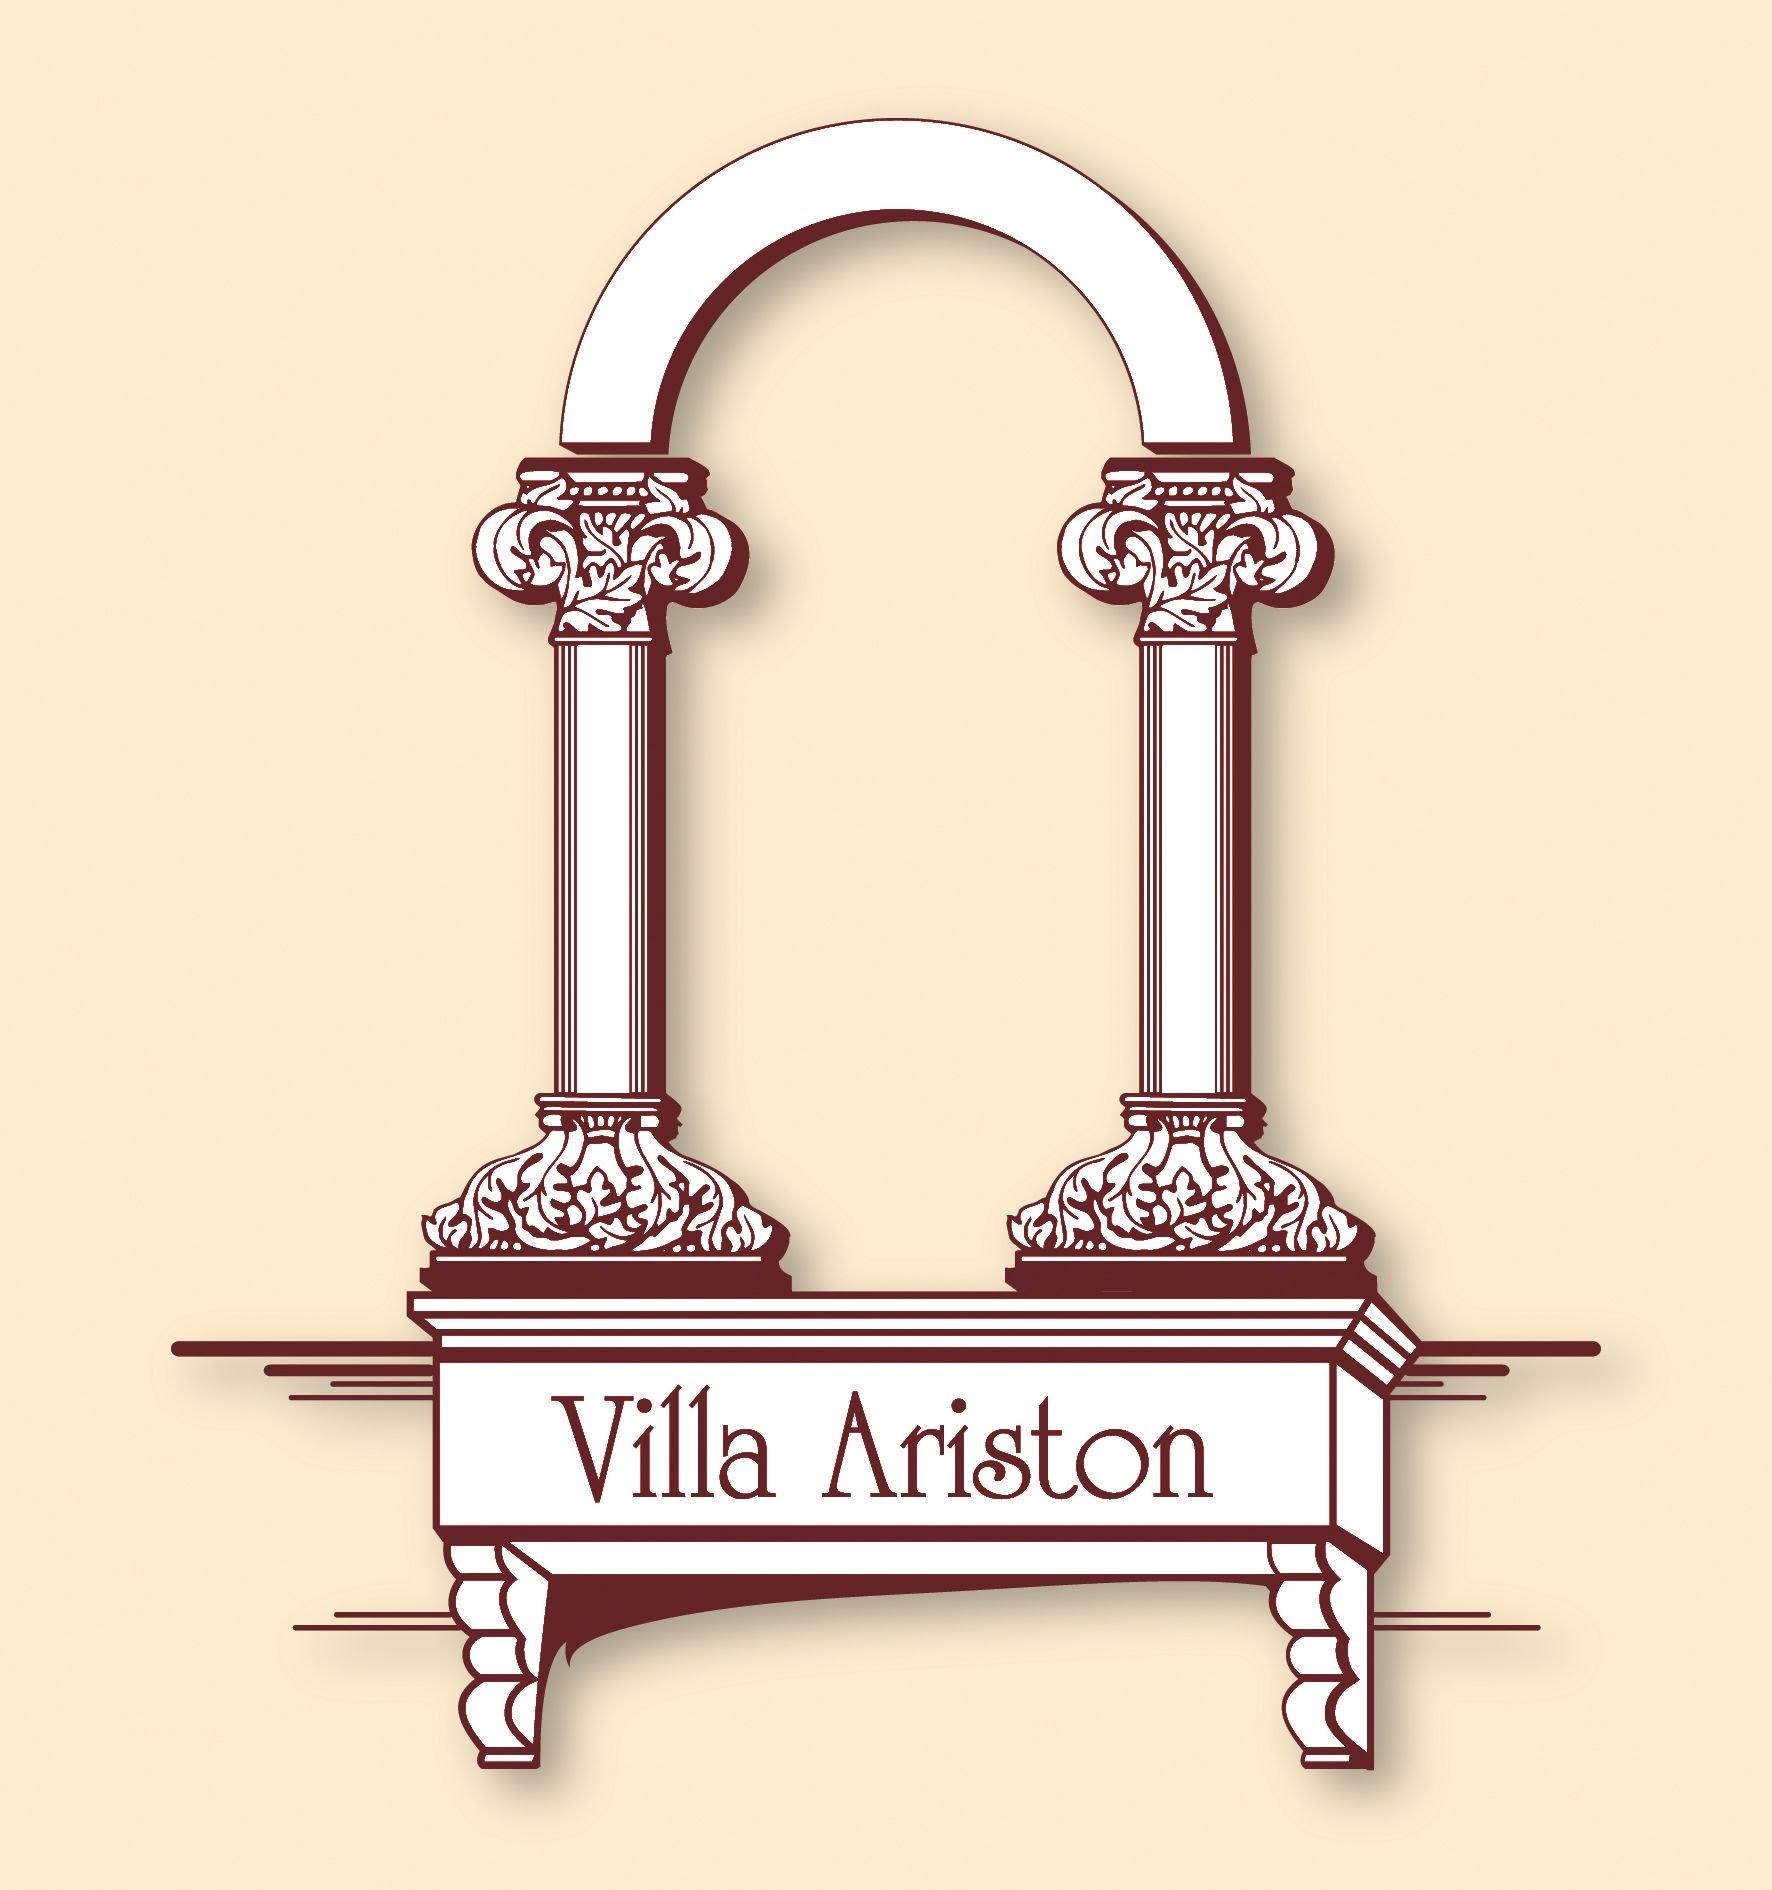 http://villa-ariston.hr/